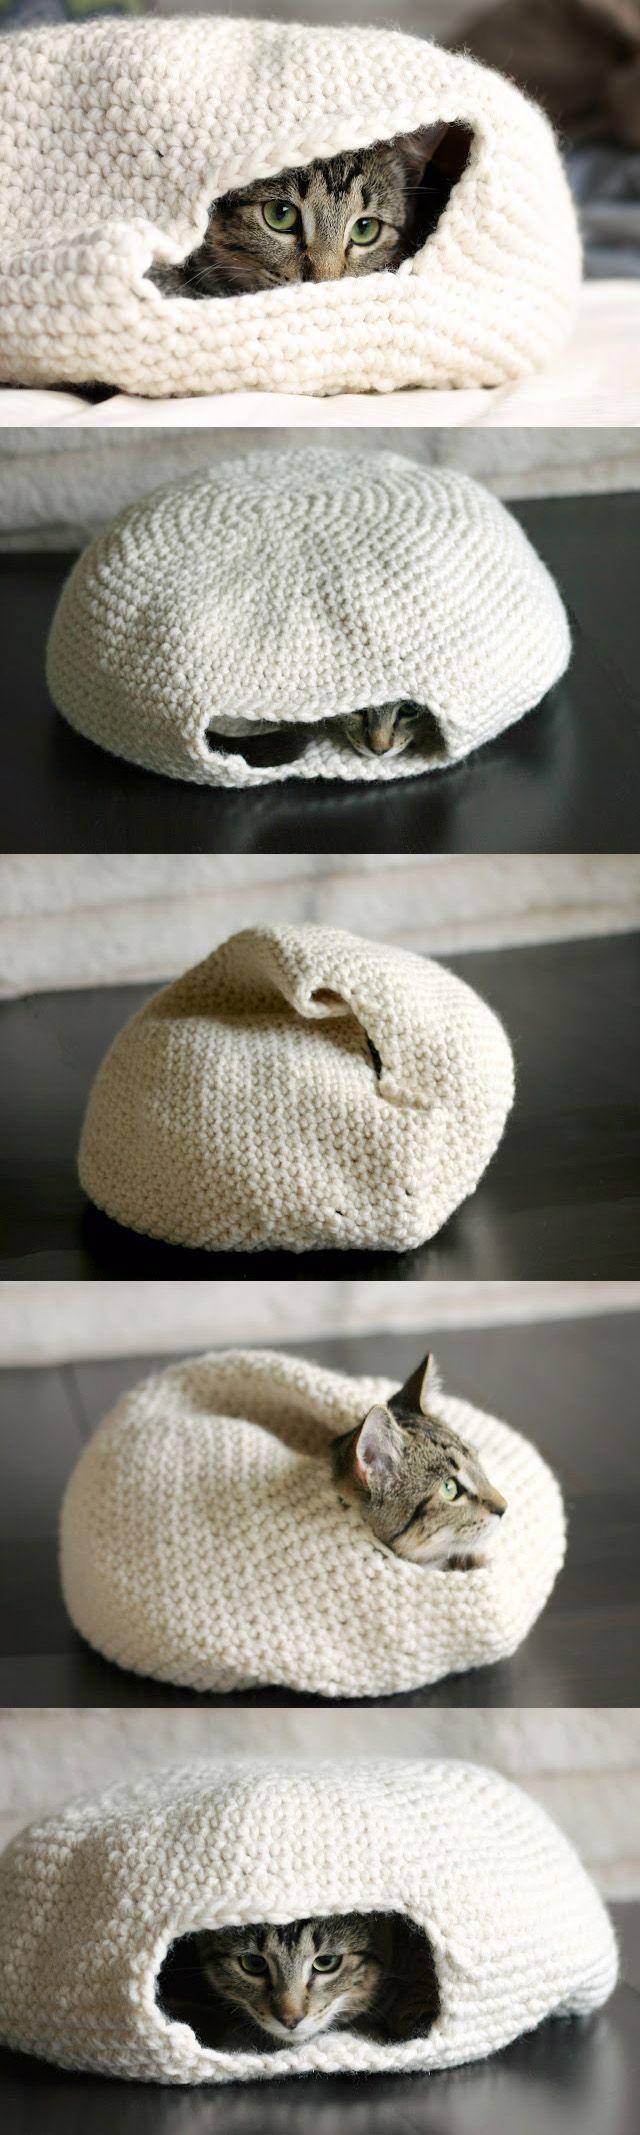 Cama-guarida de ganchillo para gatos | Muy Ingenioso                                                                                                                                                                                 Más